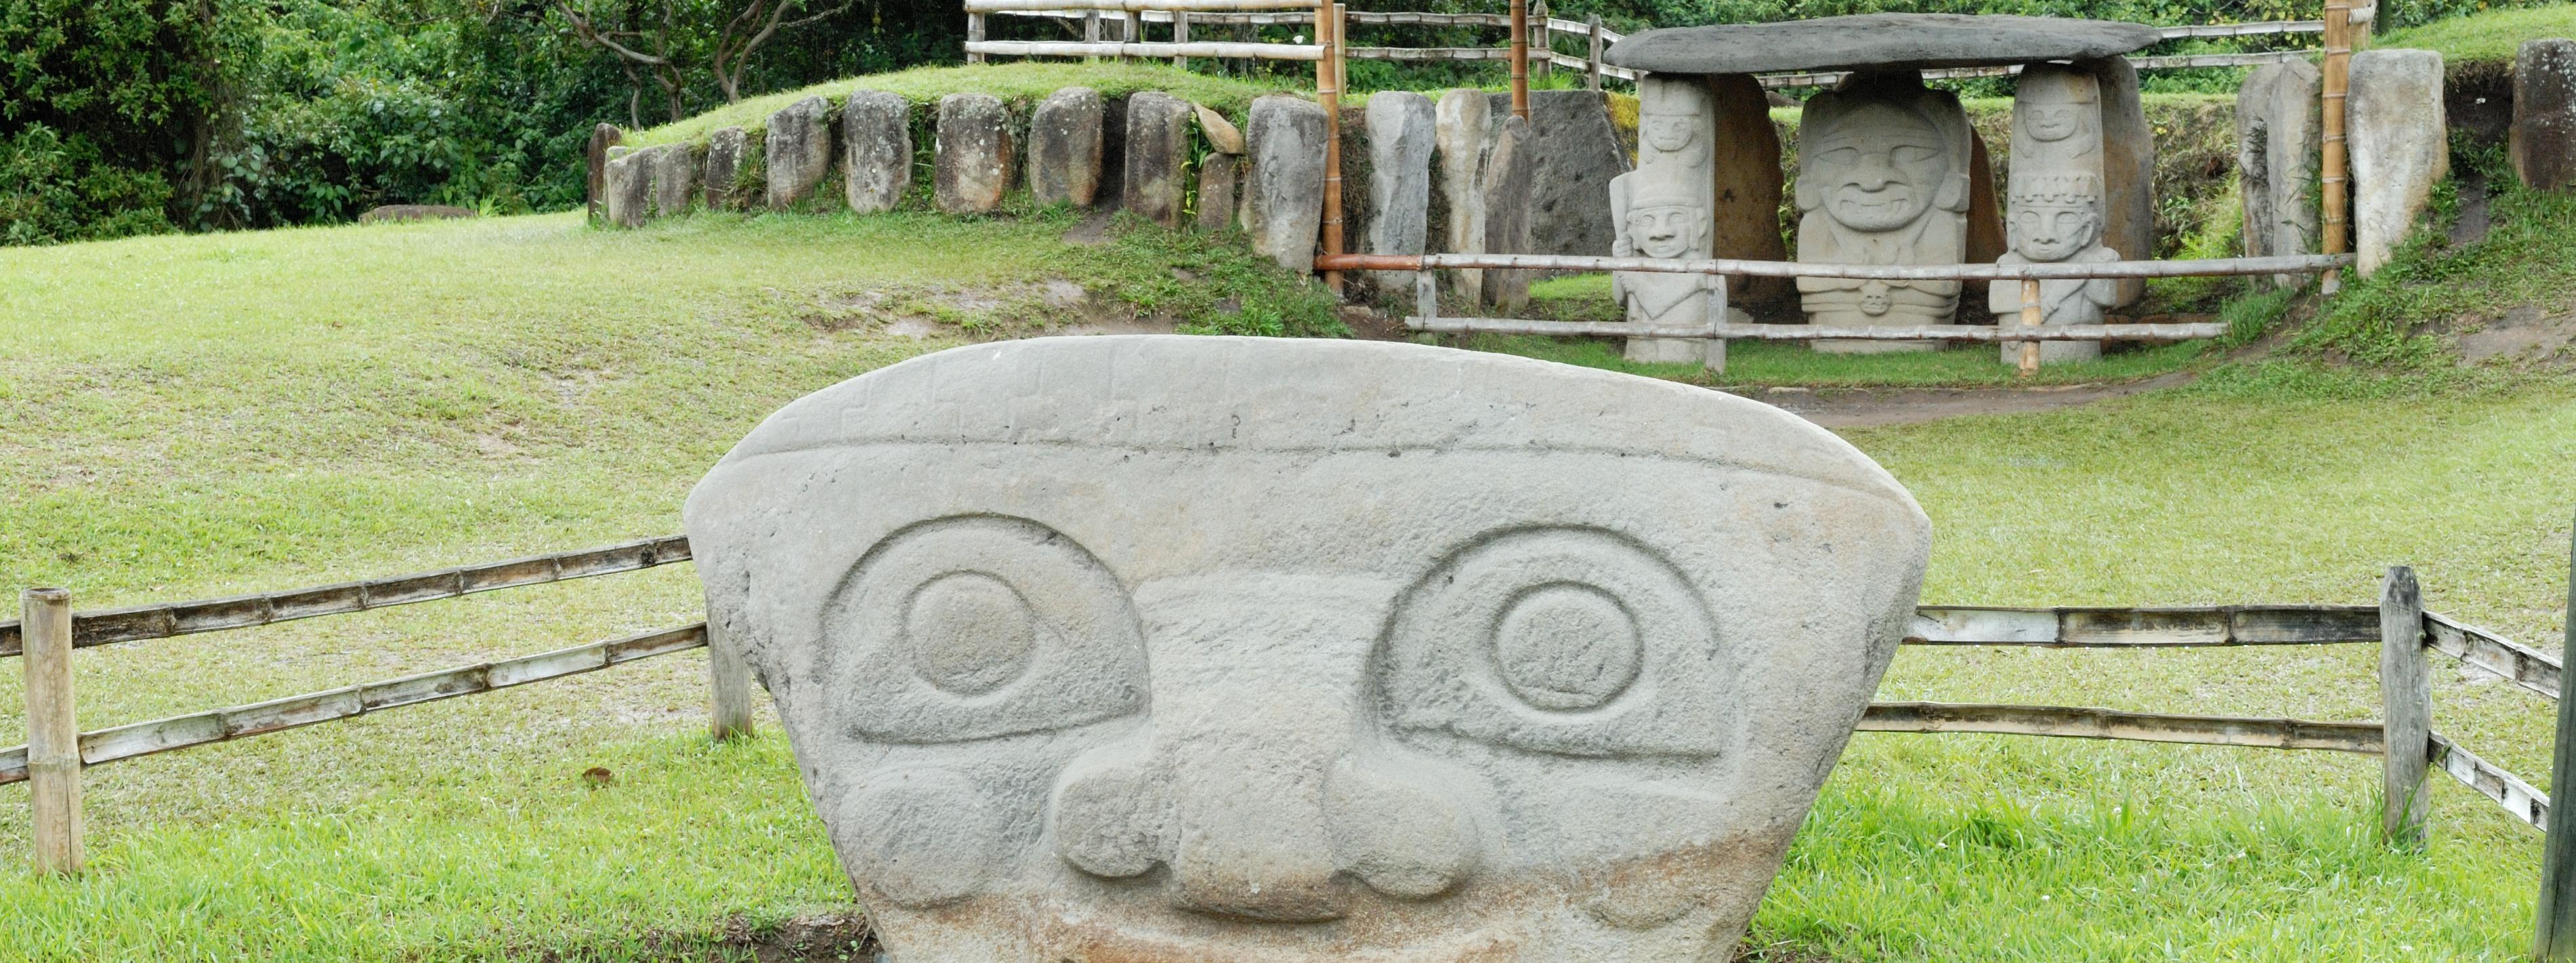 https://www.kontour-travel.com/wp-content/uploads/san-agustin-colombia-parque-arqueologico-010.jpg